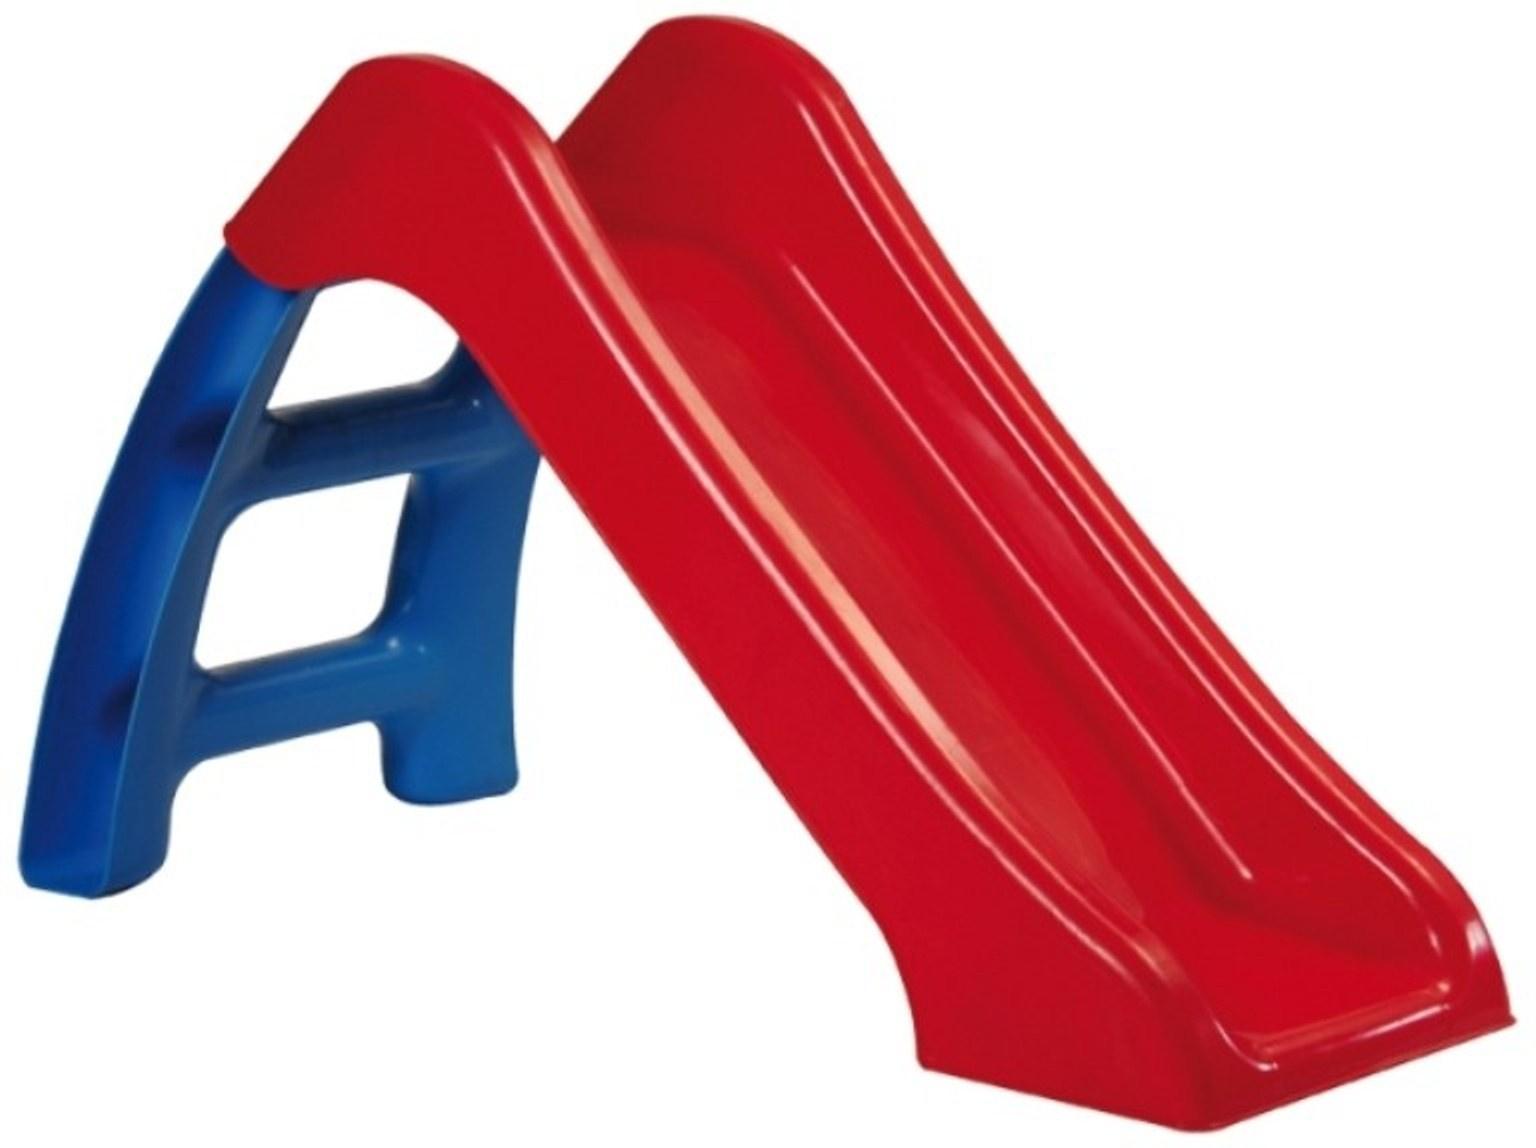 Детская горка Пластик С115 (Синий/Красный) синий, красный